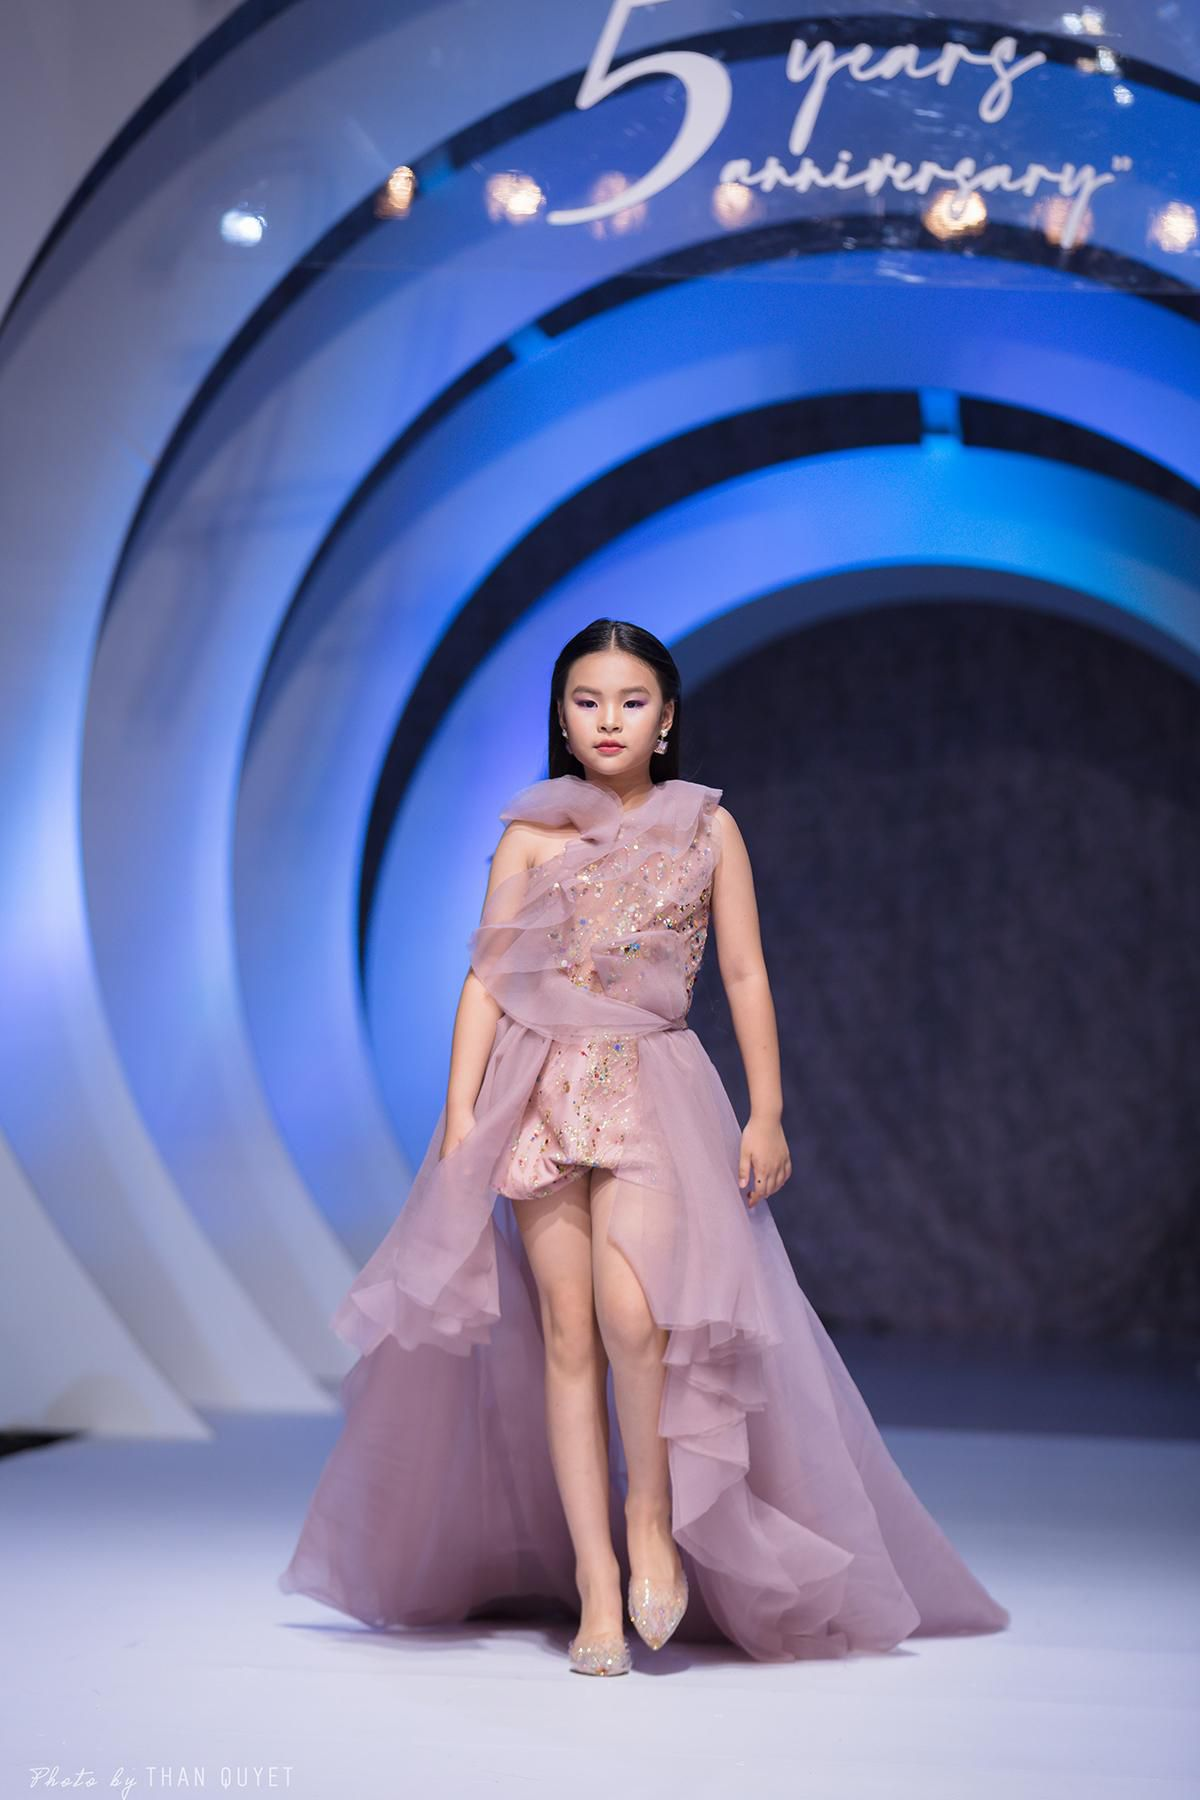 Mẫu nhí 9 tuổi song kiếm hợp bích siêu mẫu Bùi Quỳnh Hoa 'quét sạch' sàn catwalk Ảnh 6